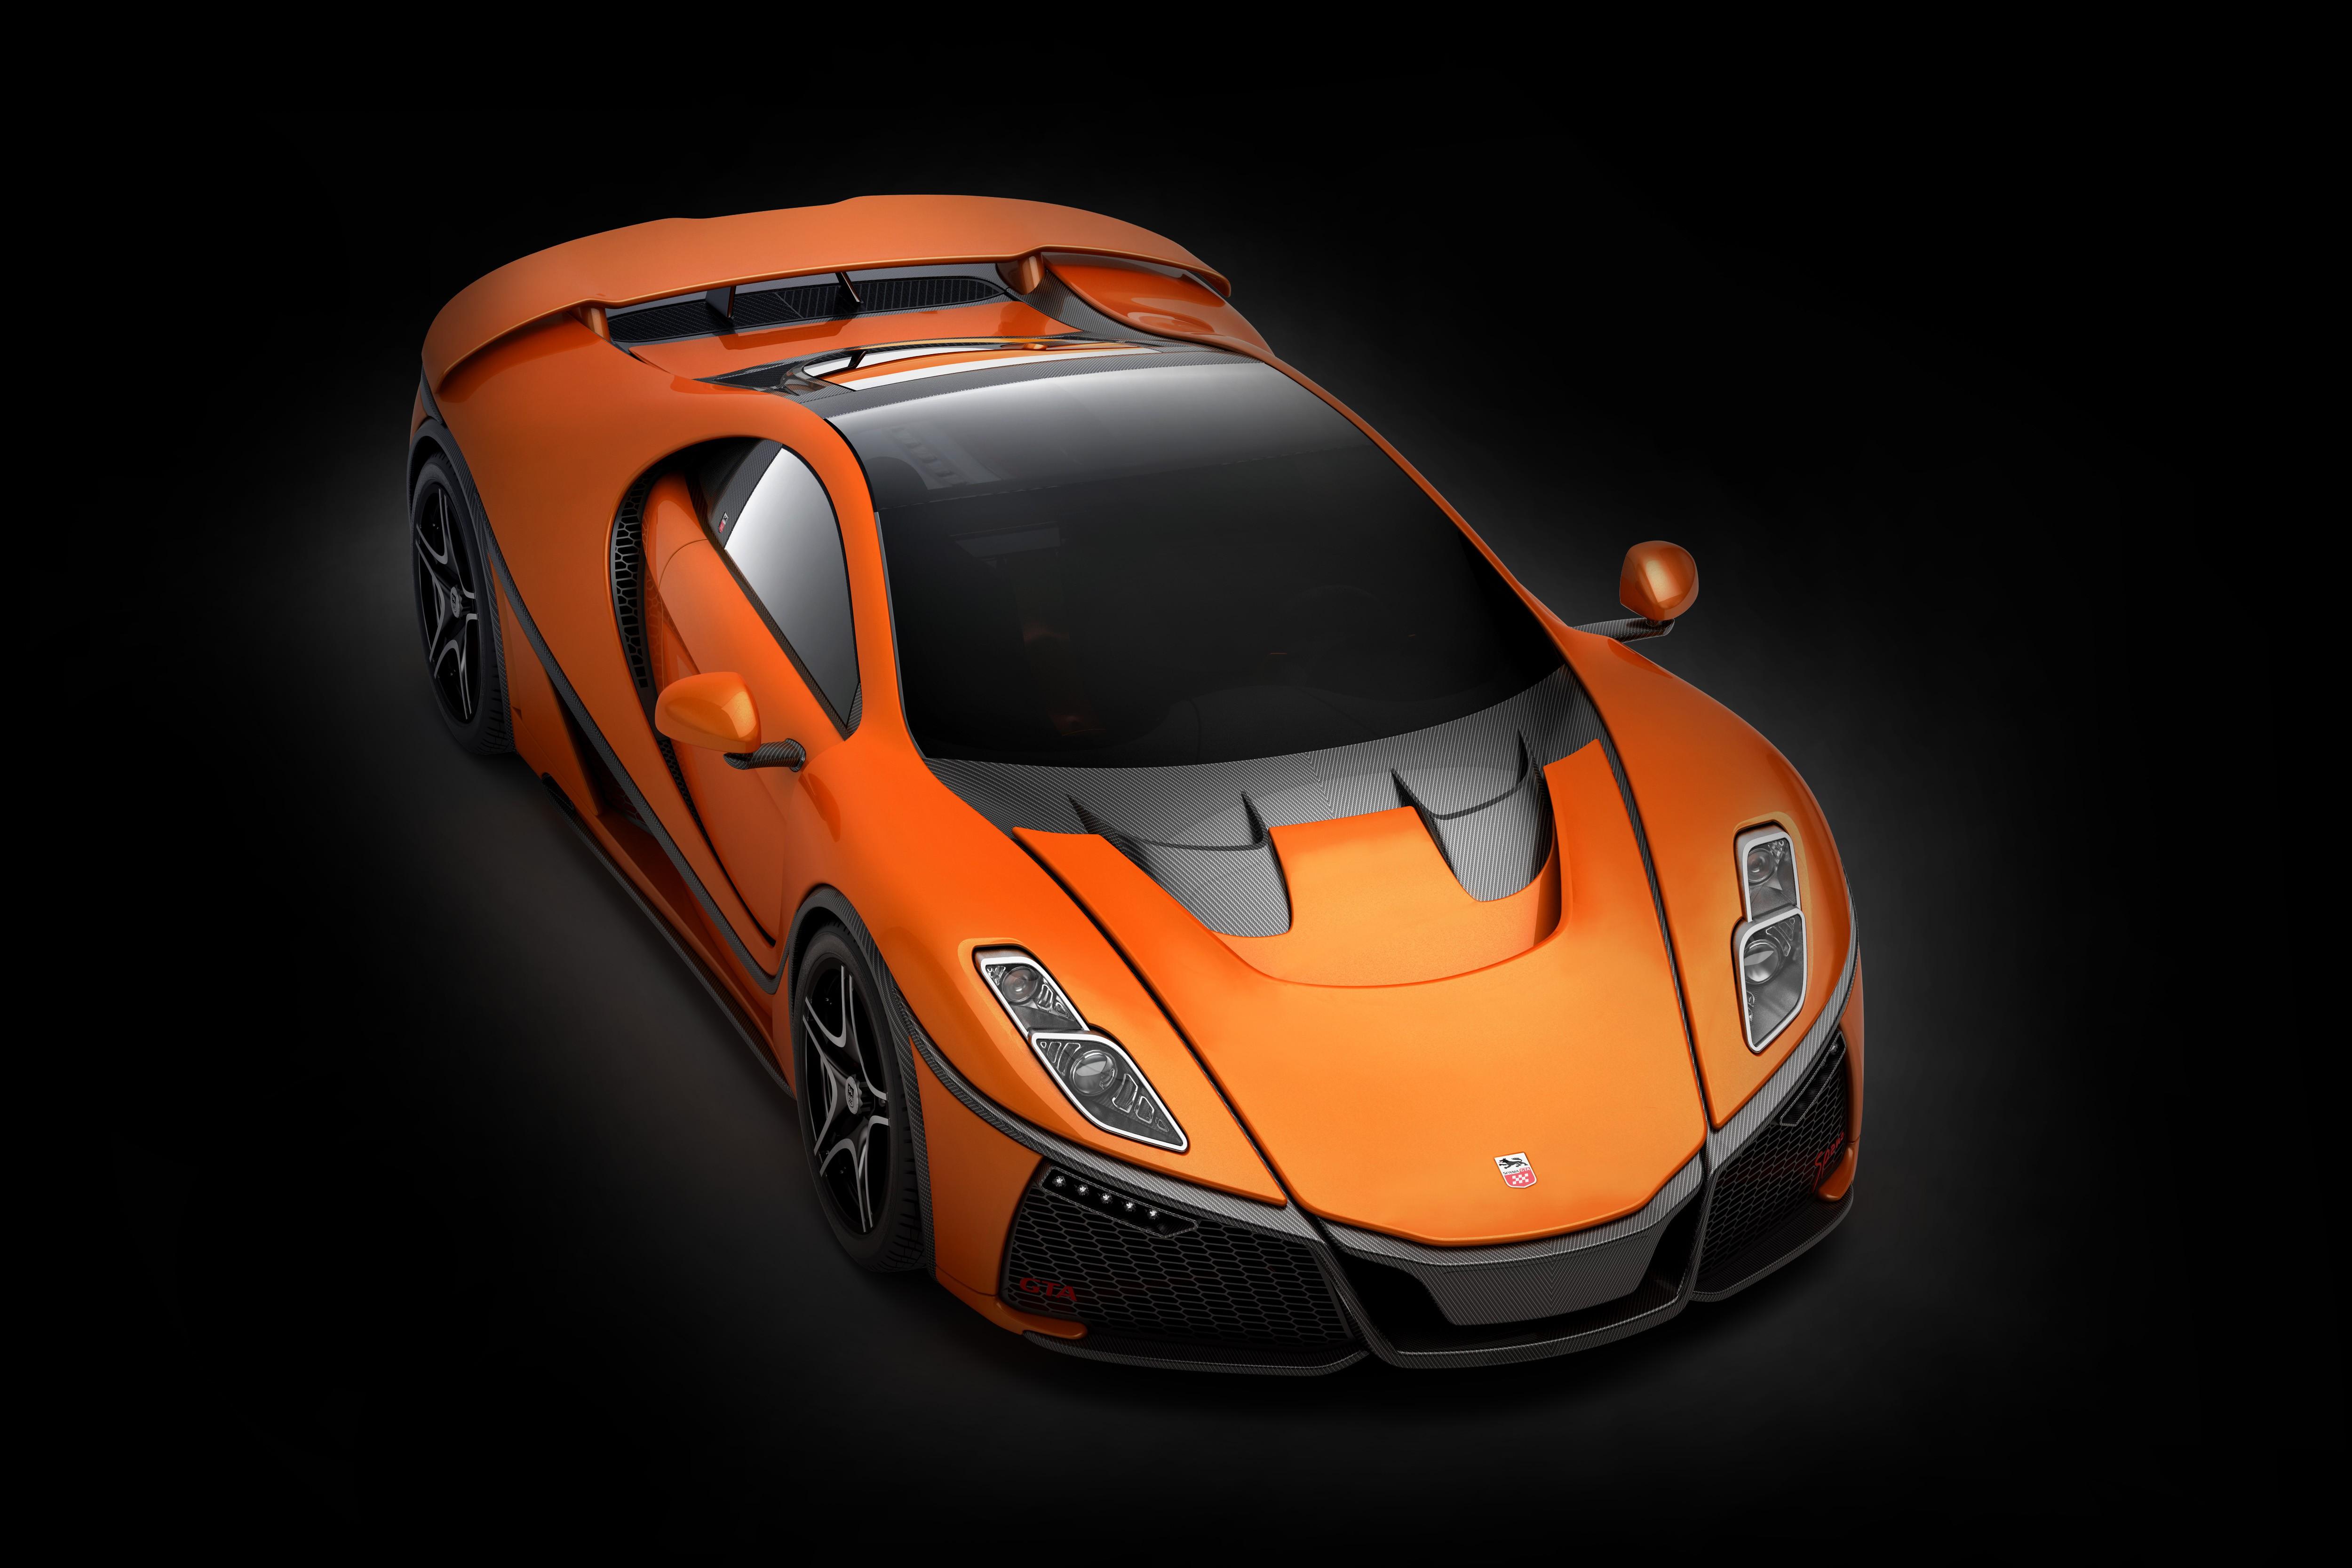 El GTA Spano de la película Need for Speed, a la venta en Málaga